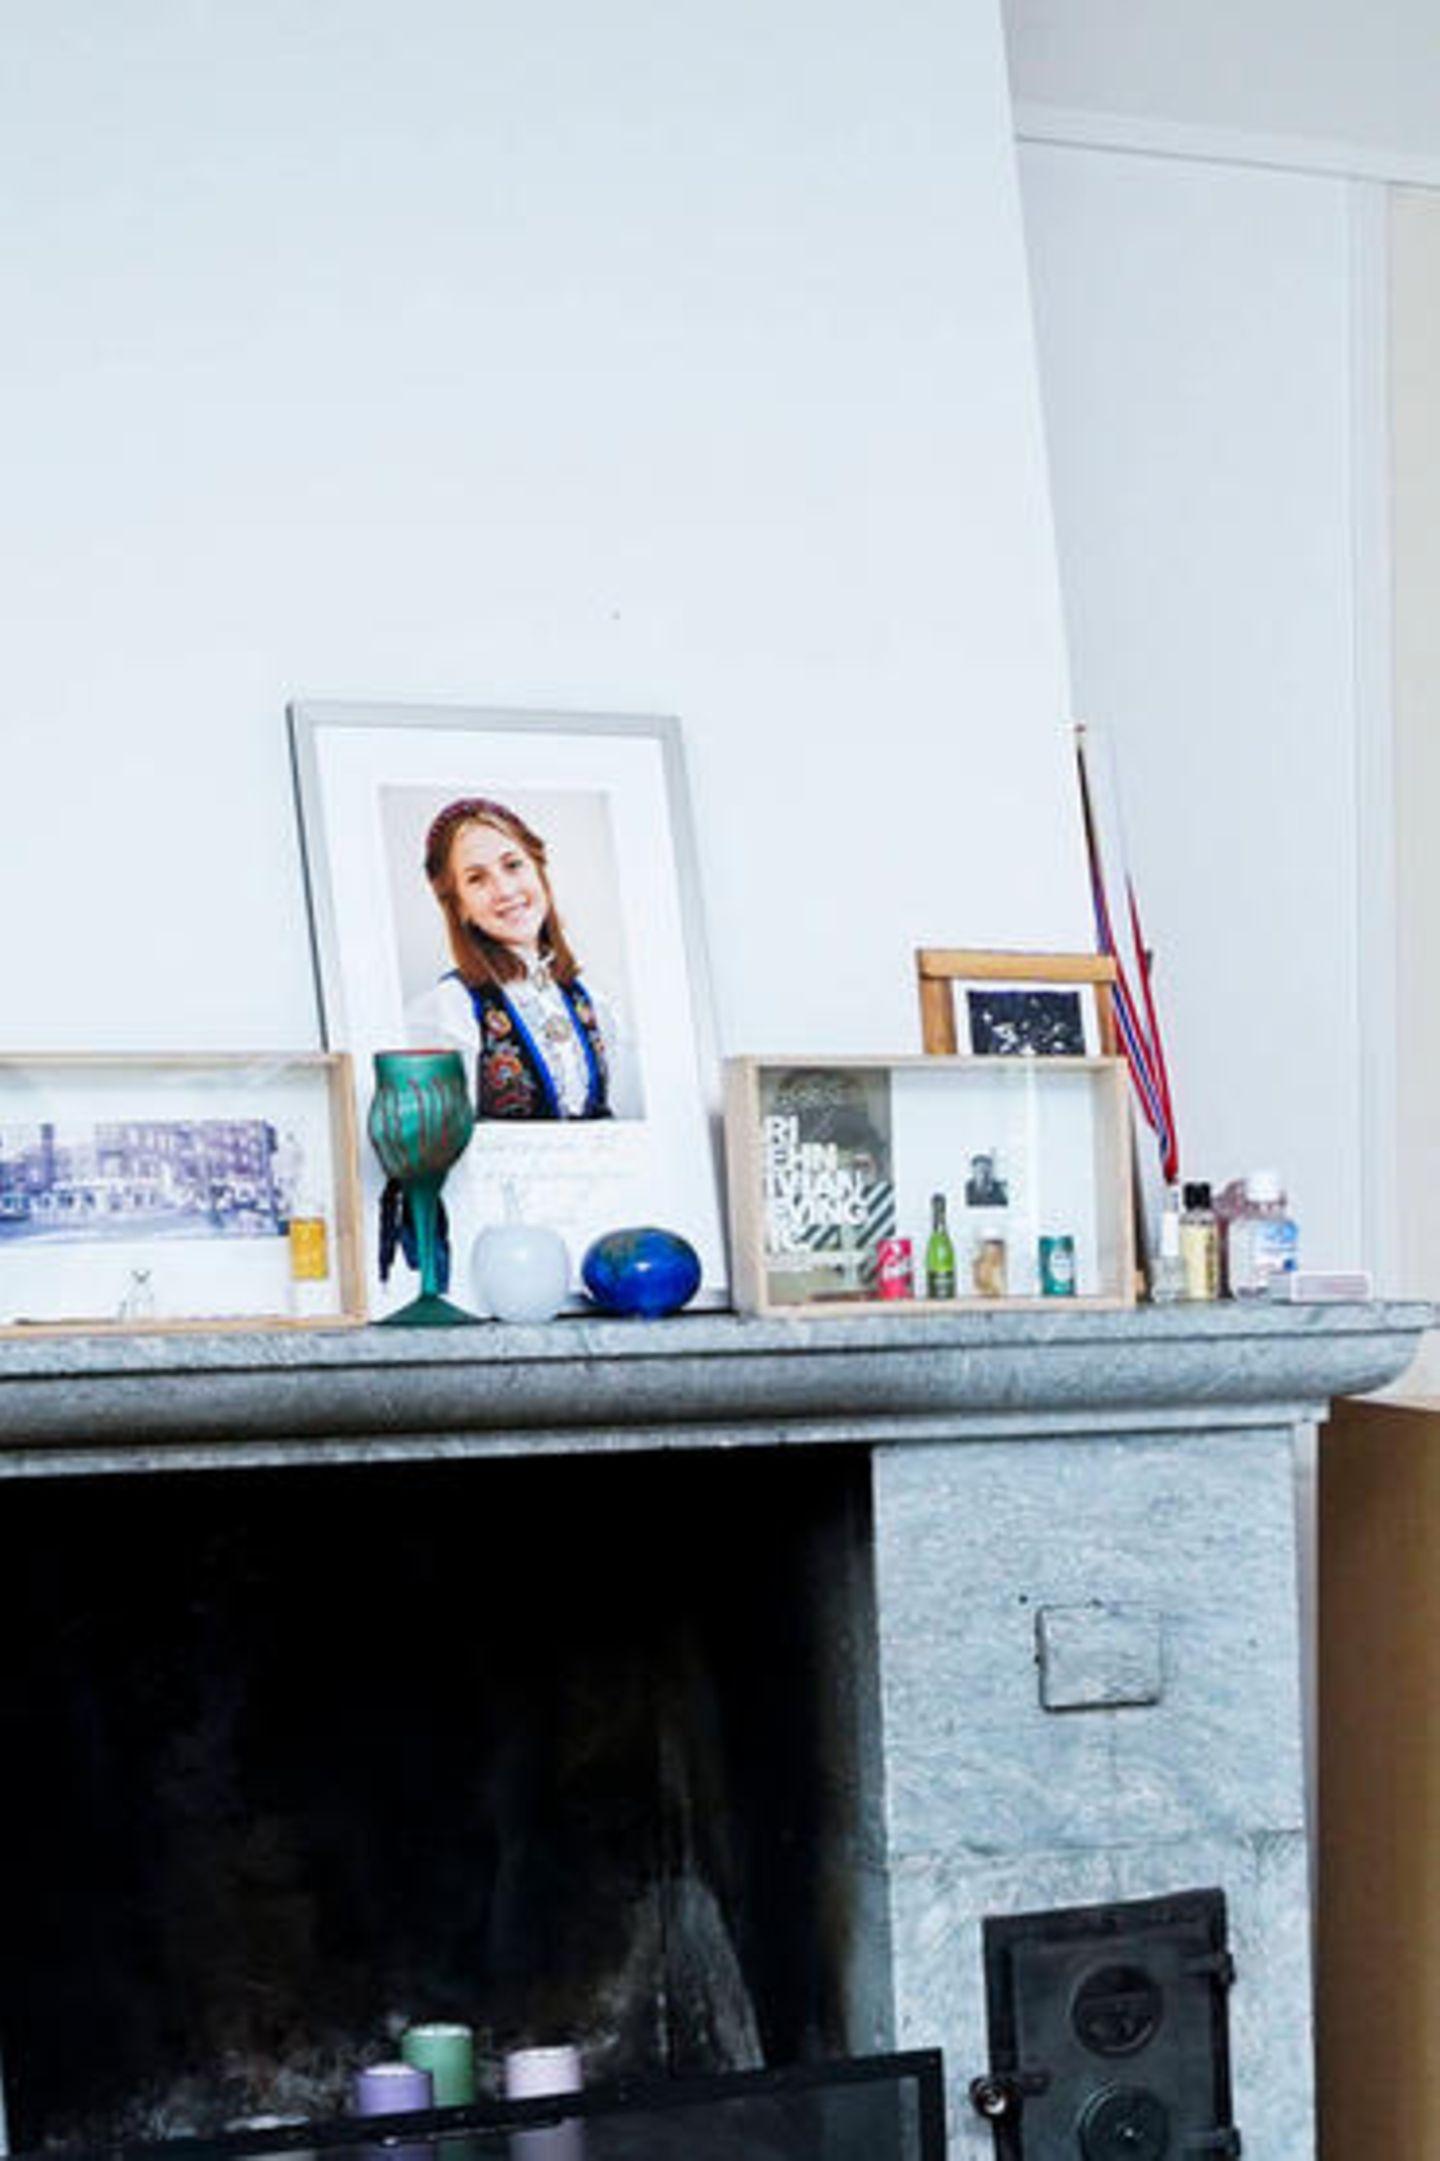 In dem Holzrahmen befindet sich ein Foto ihres verstorbenen Ex-Mannes und Vater ihrer drei Töchter, Ari Behn. Der Künstler nahm sich am 25. Dezember 2019 im Alter von 47 Jahren das Leben. Die Schwarz-Weiß-Aufnahme wurde gemeinsam mit einer Ausstellungsankündigung sowie einigen Gegenständen in den Rahmen gelegt. Daneben steht das Konfirmationsbild seiner Tochter Leah Isadora Behn.